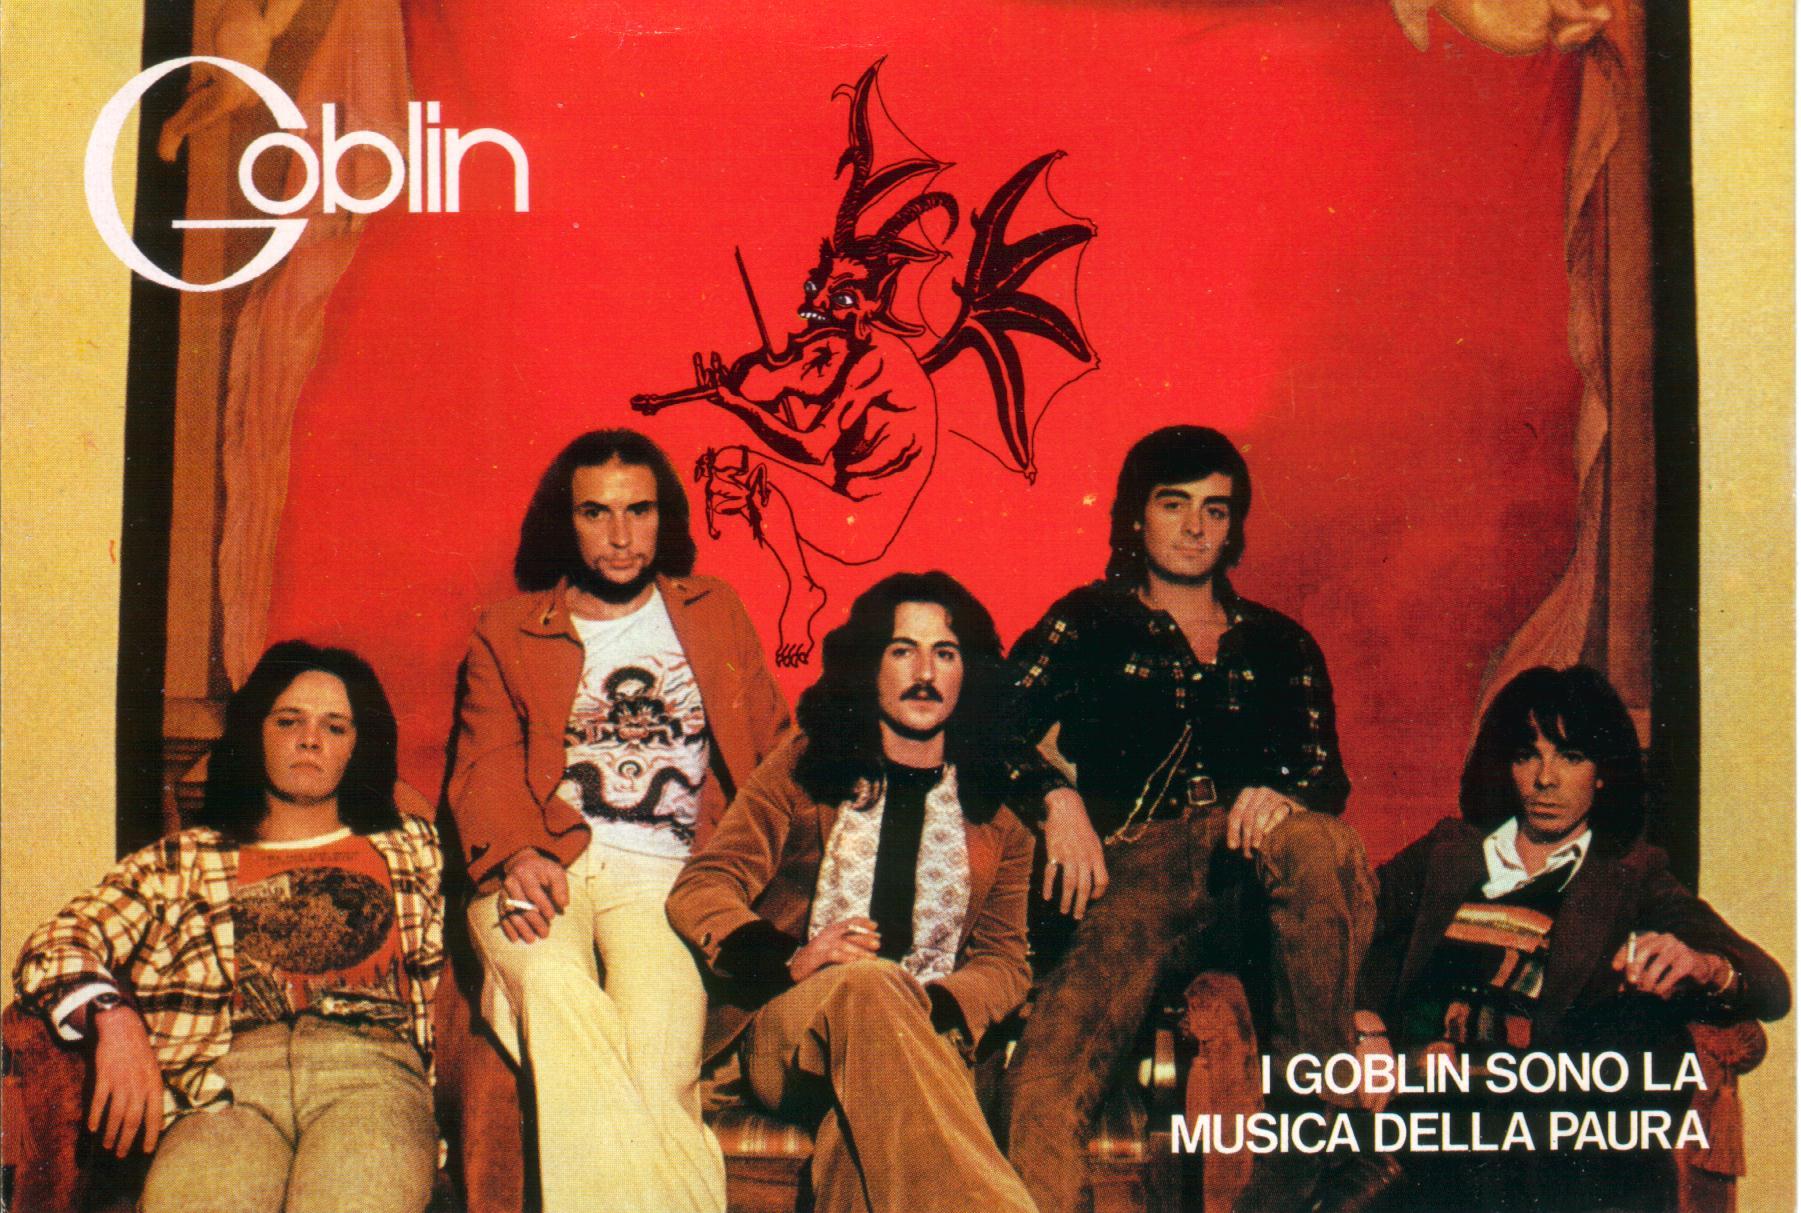 Goblin Formazione Promo 1976